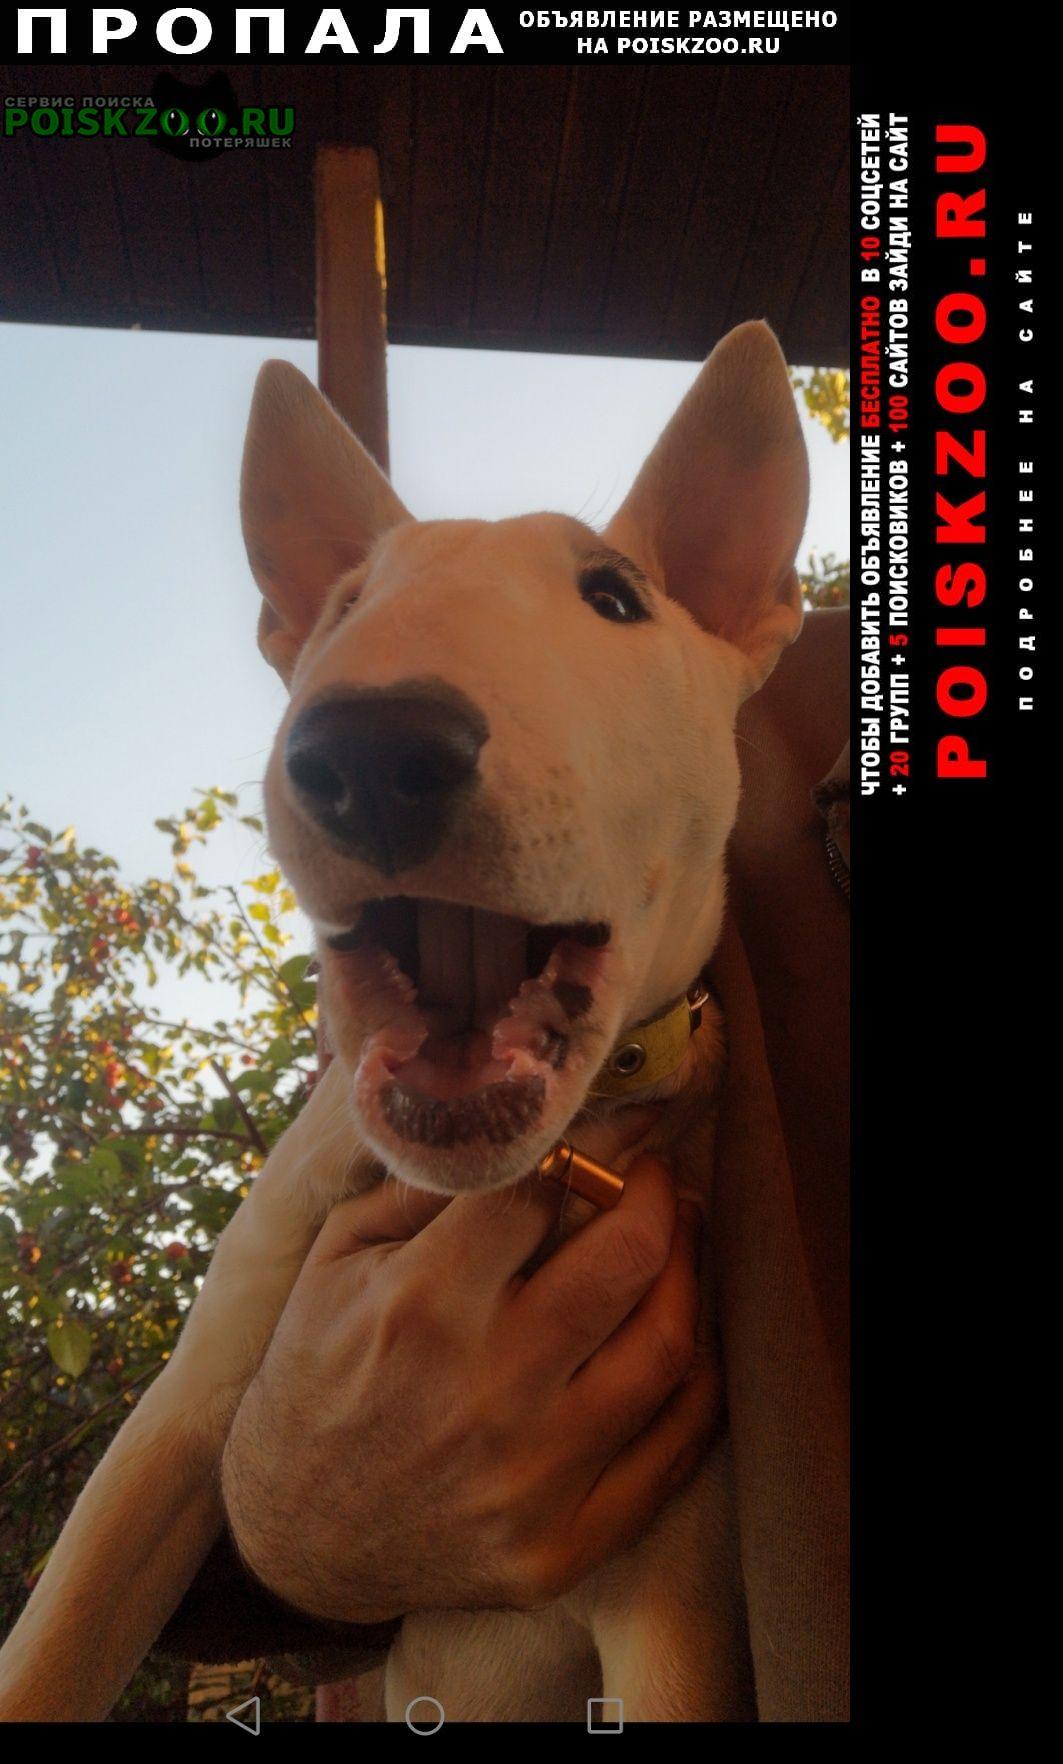 Пропала собака 3месяца, бультерьер Новосибирск